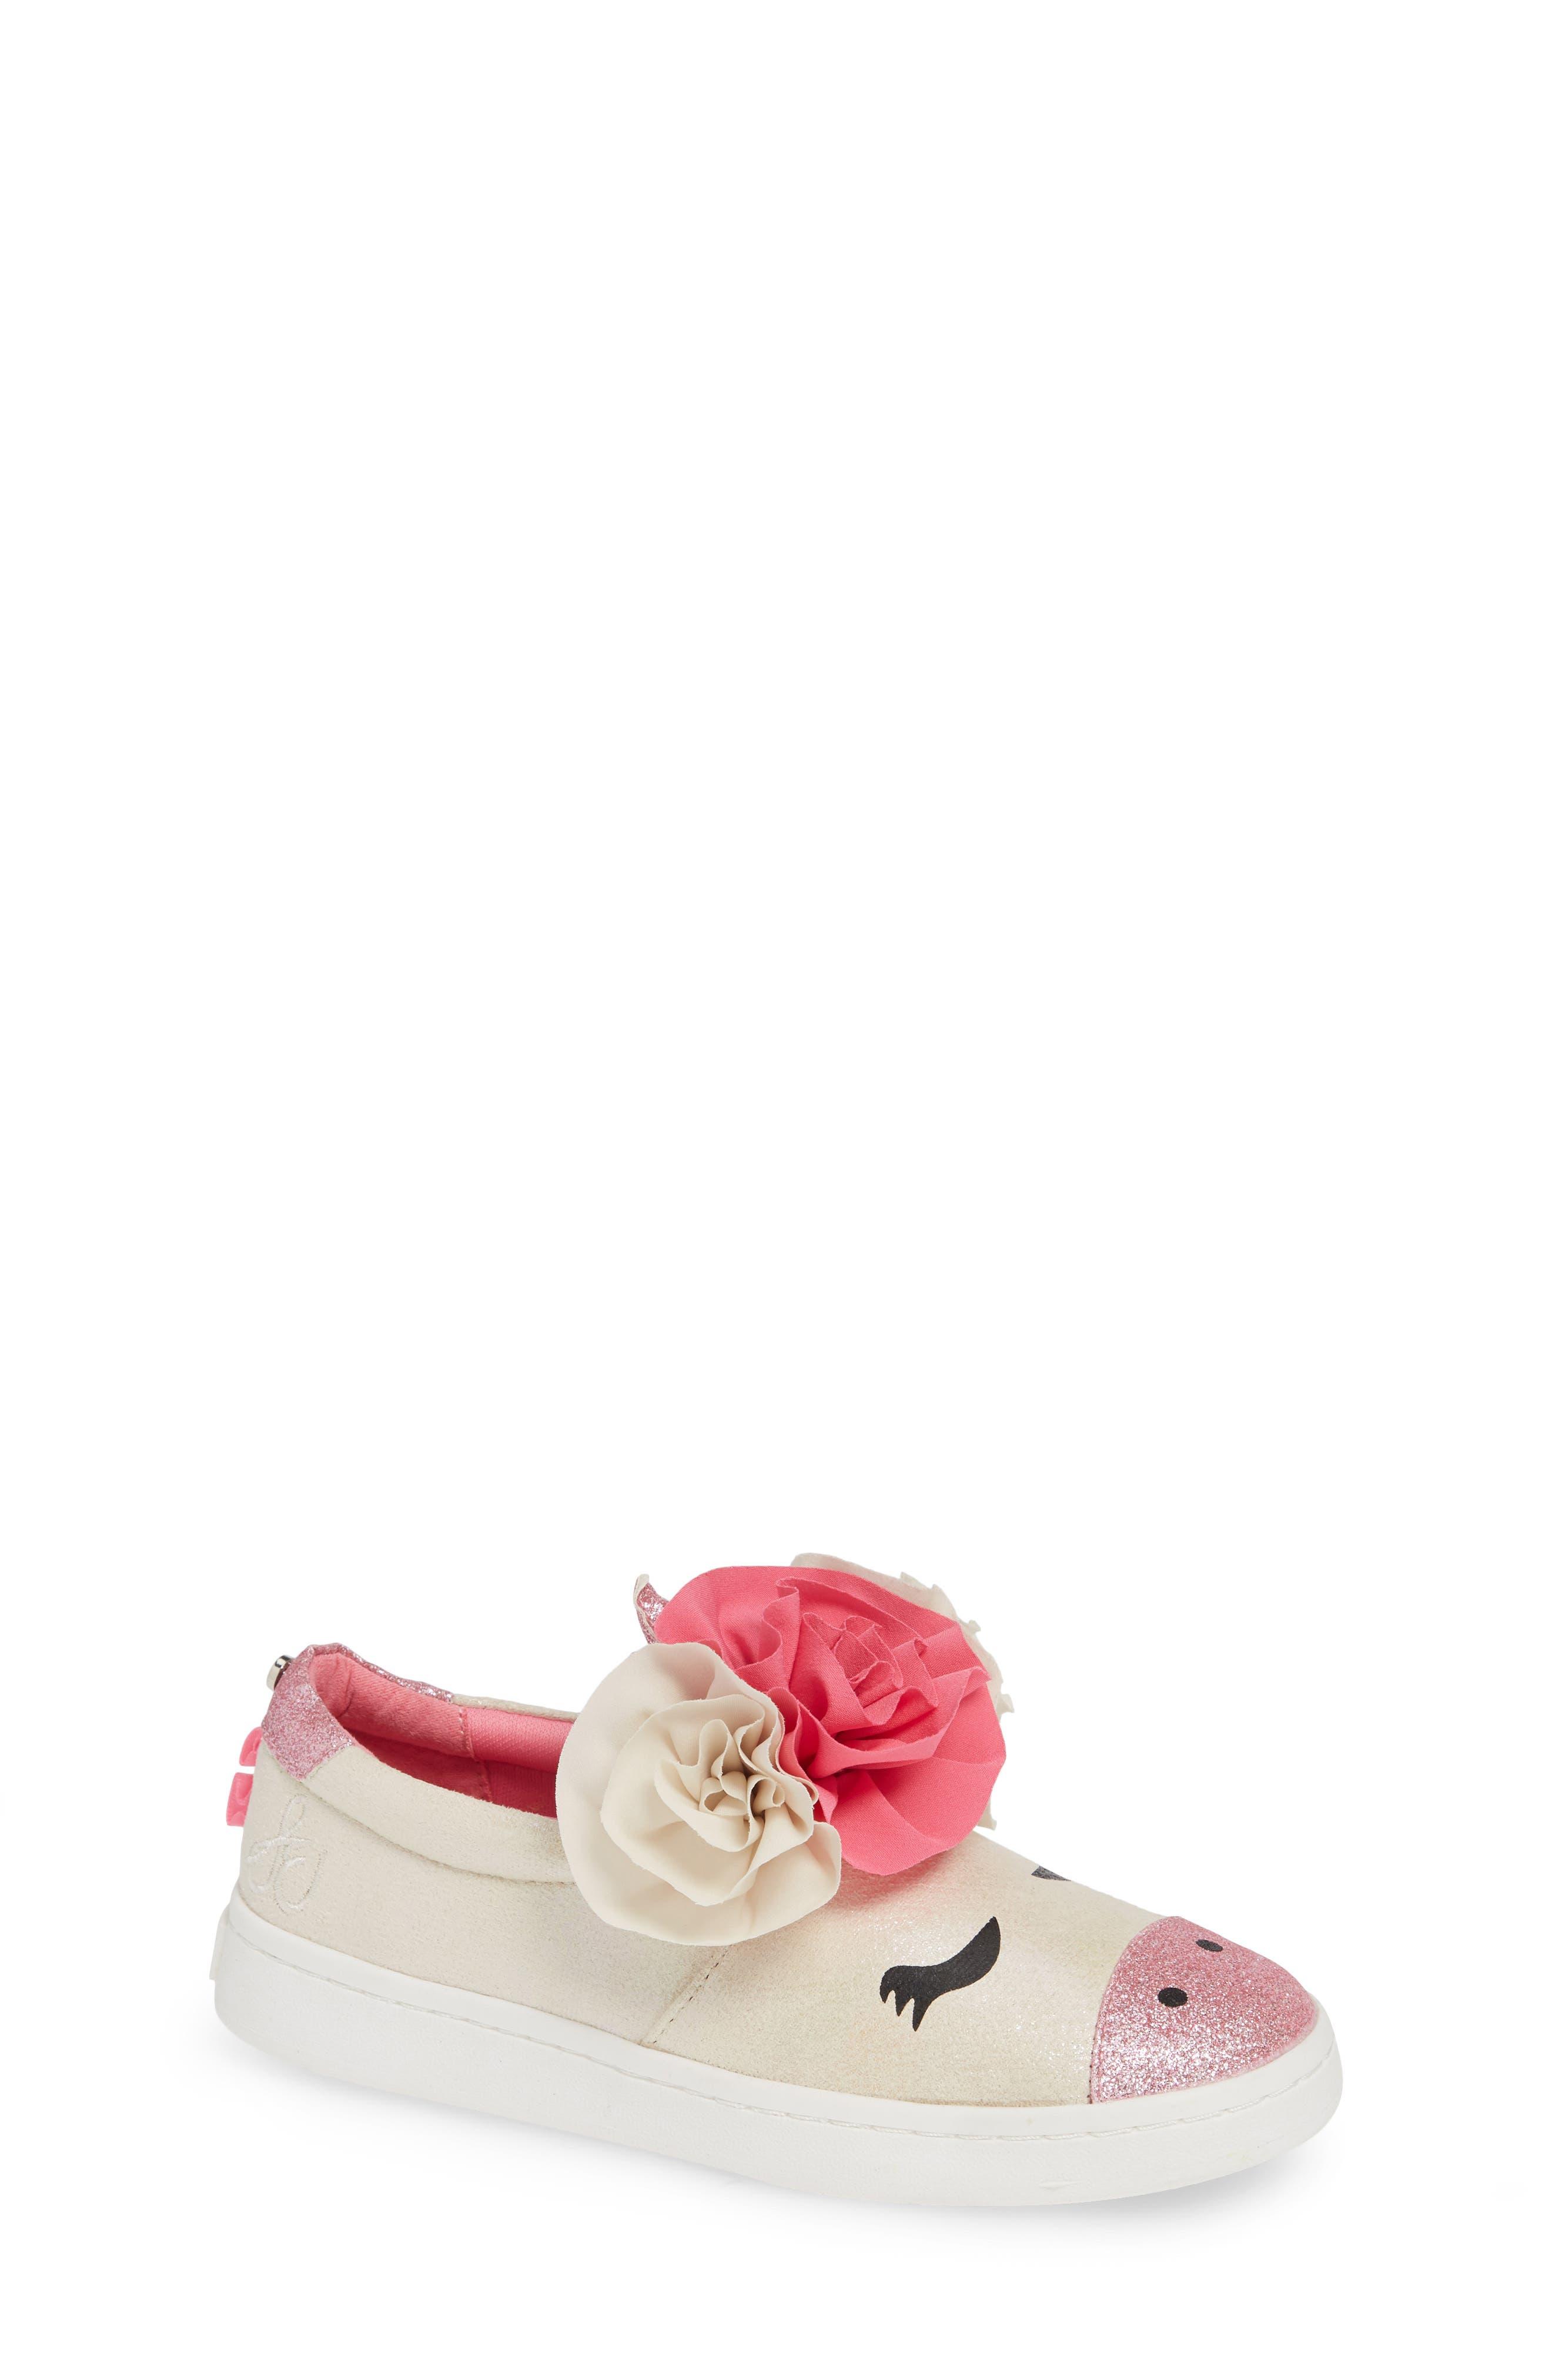 Blane Unicorn Slip-On Sneaker,                         Main,                         color, WHITE SHIMMER